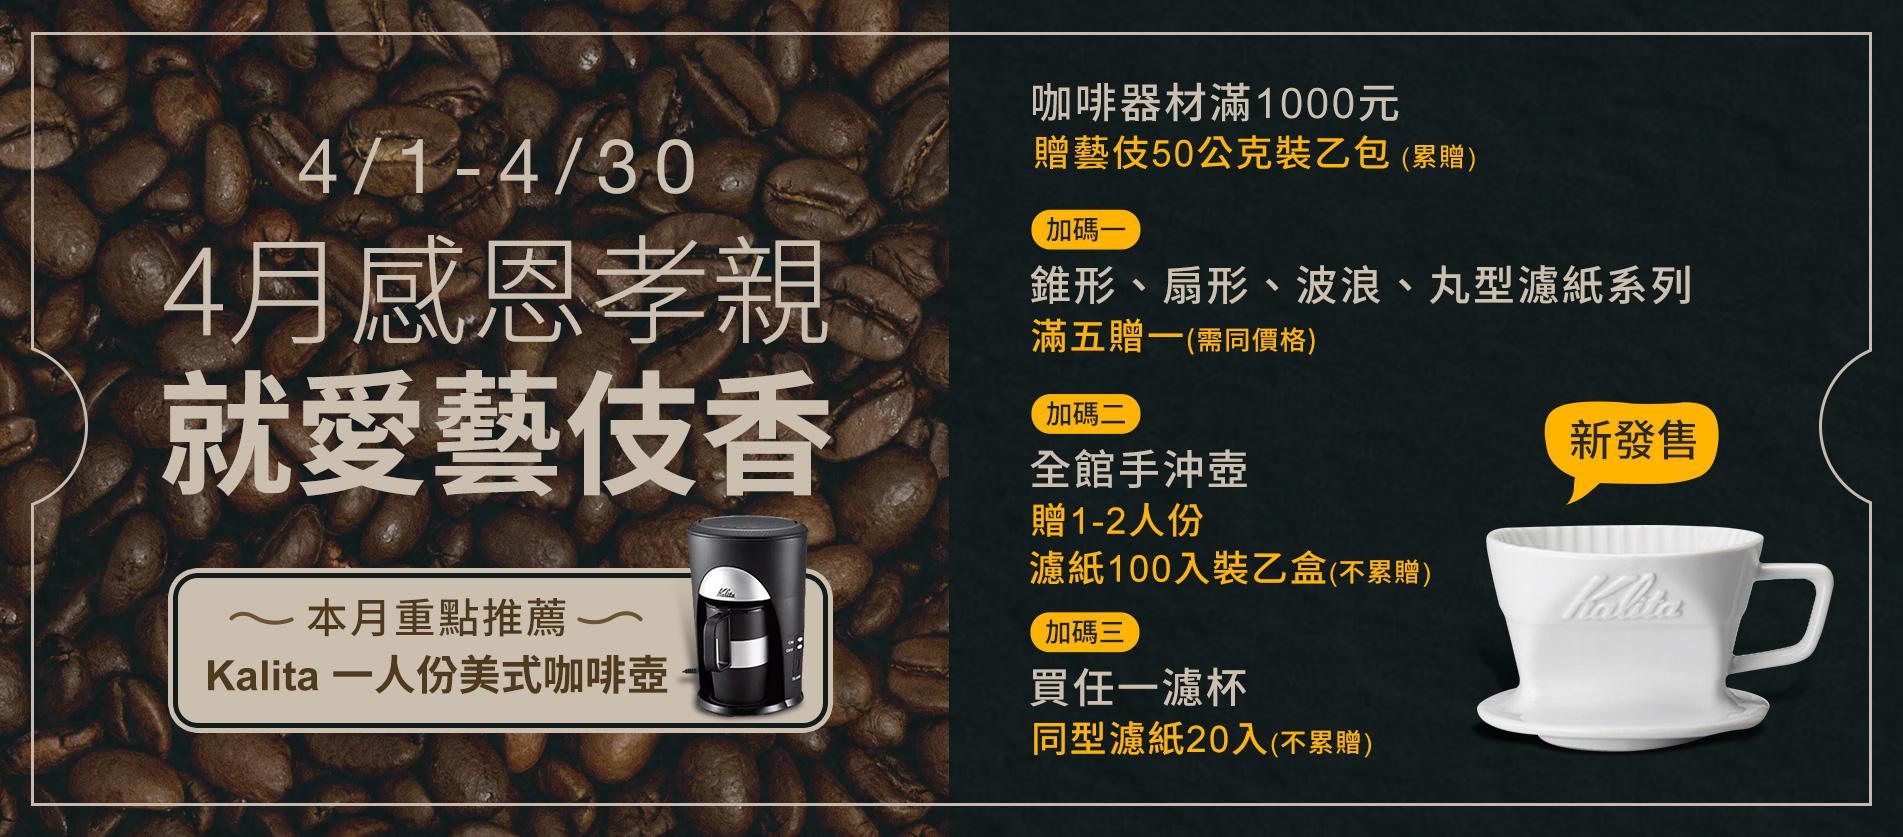 咖啡器材活動滿1000贈藝妓